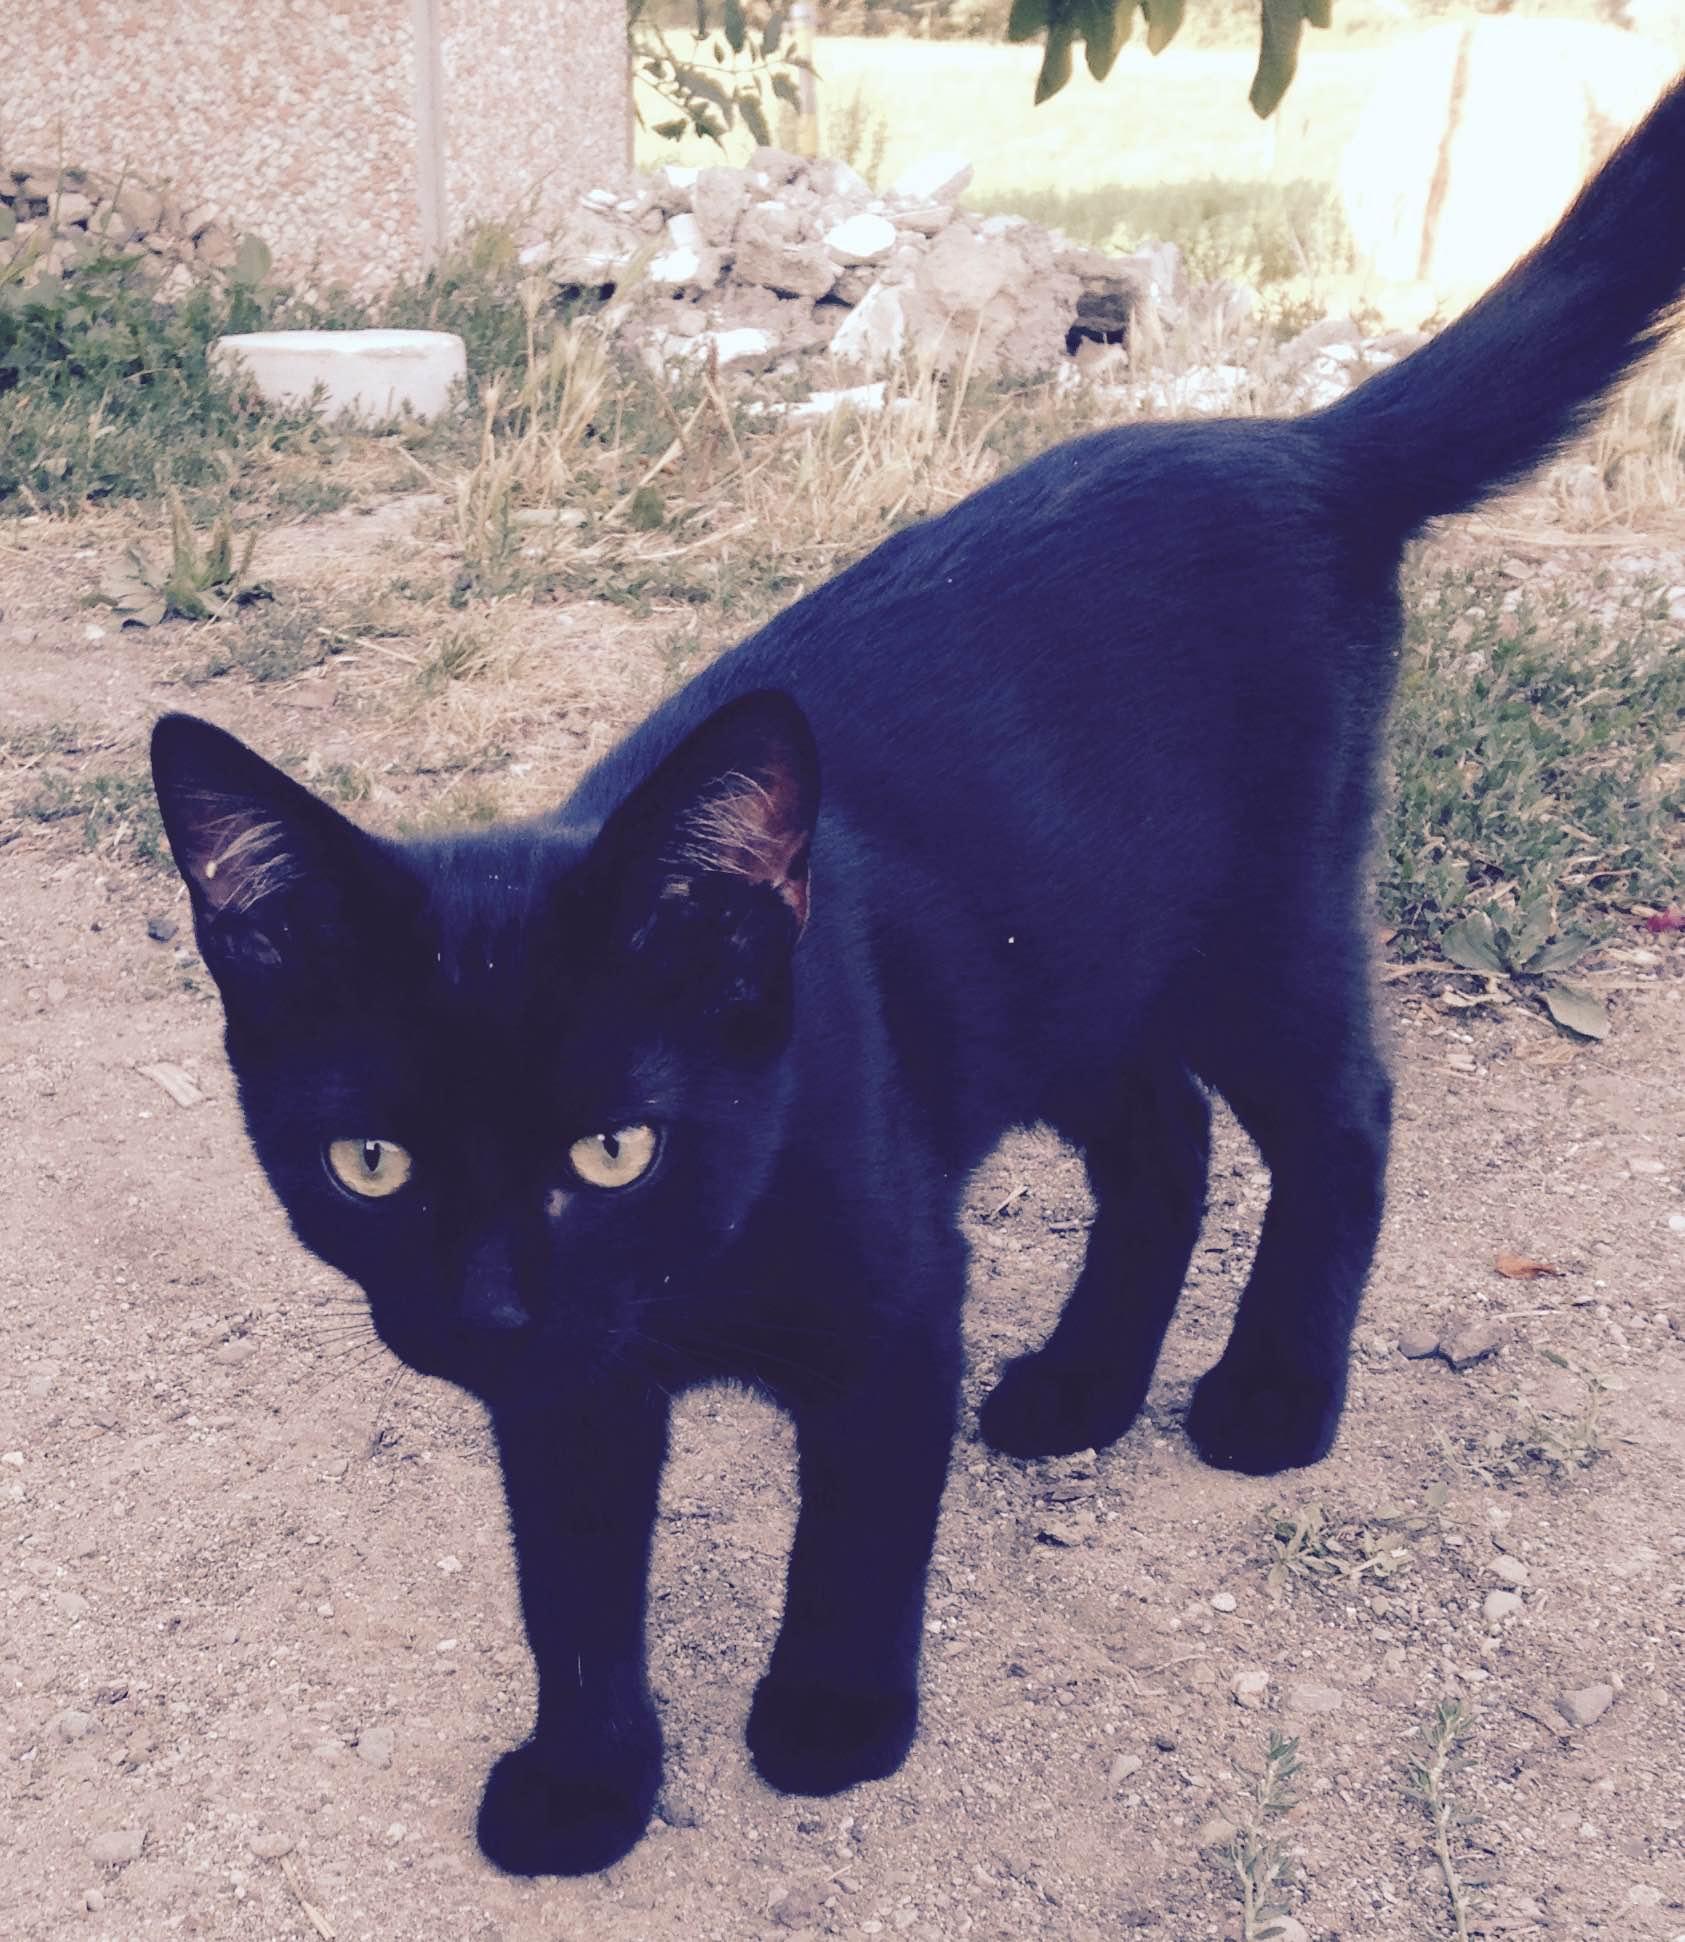 Campi bisenzio 6 gattini cercano casa for Buongiorno con gattini